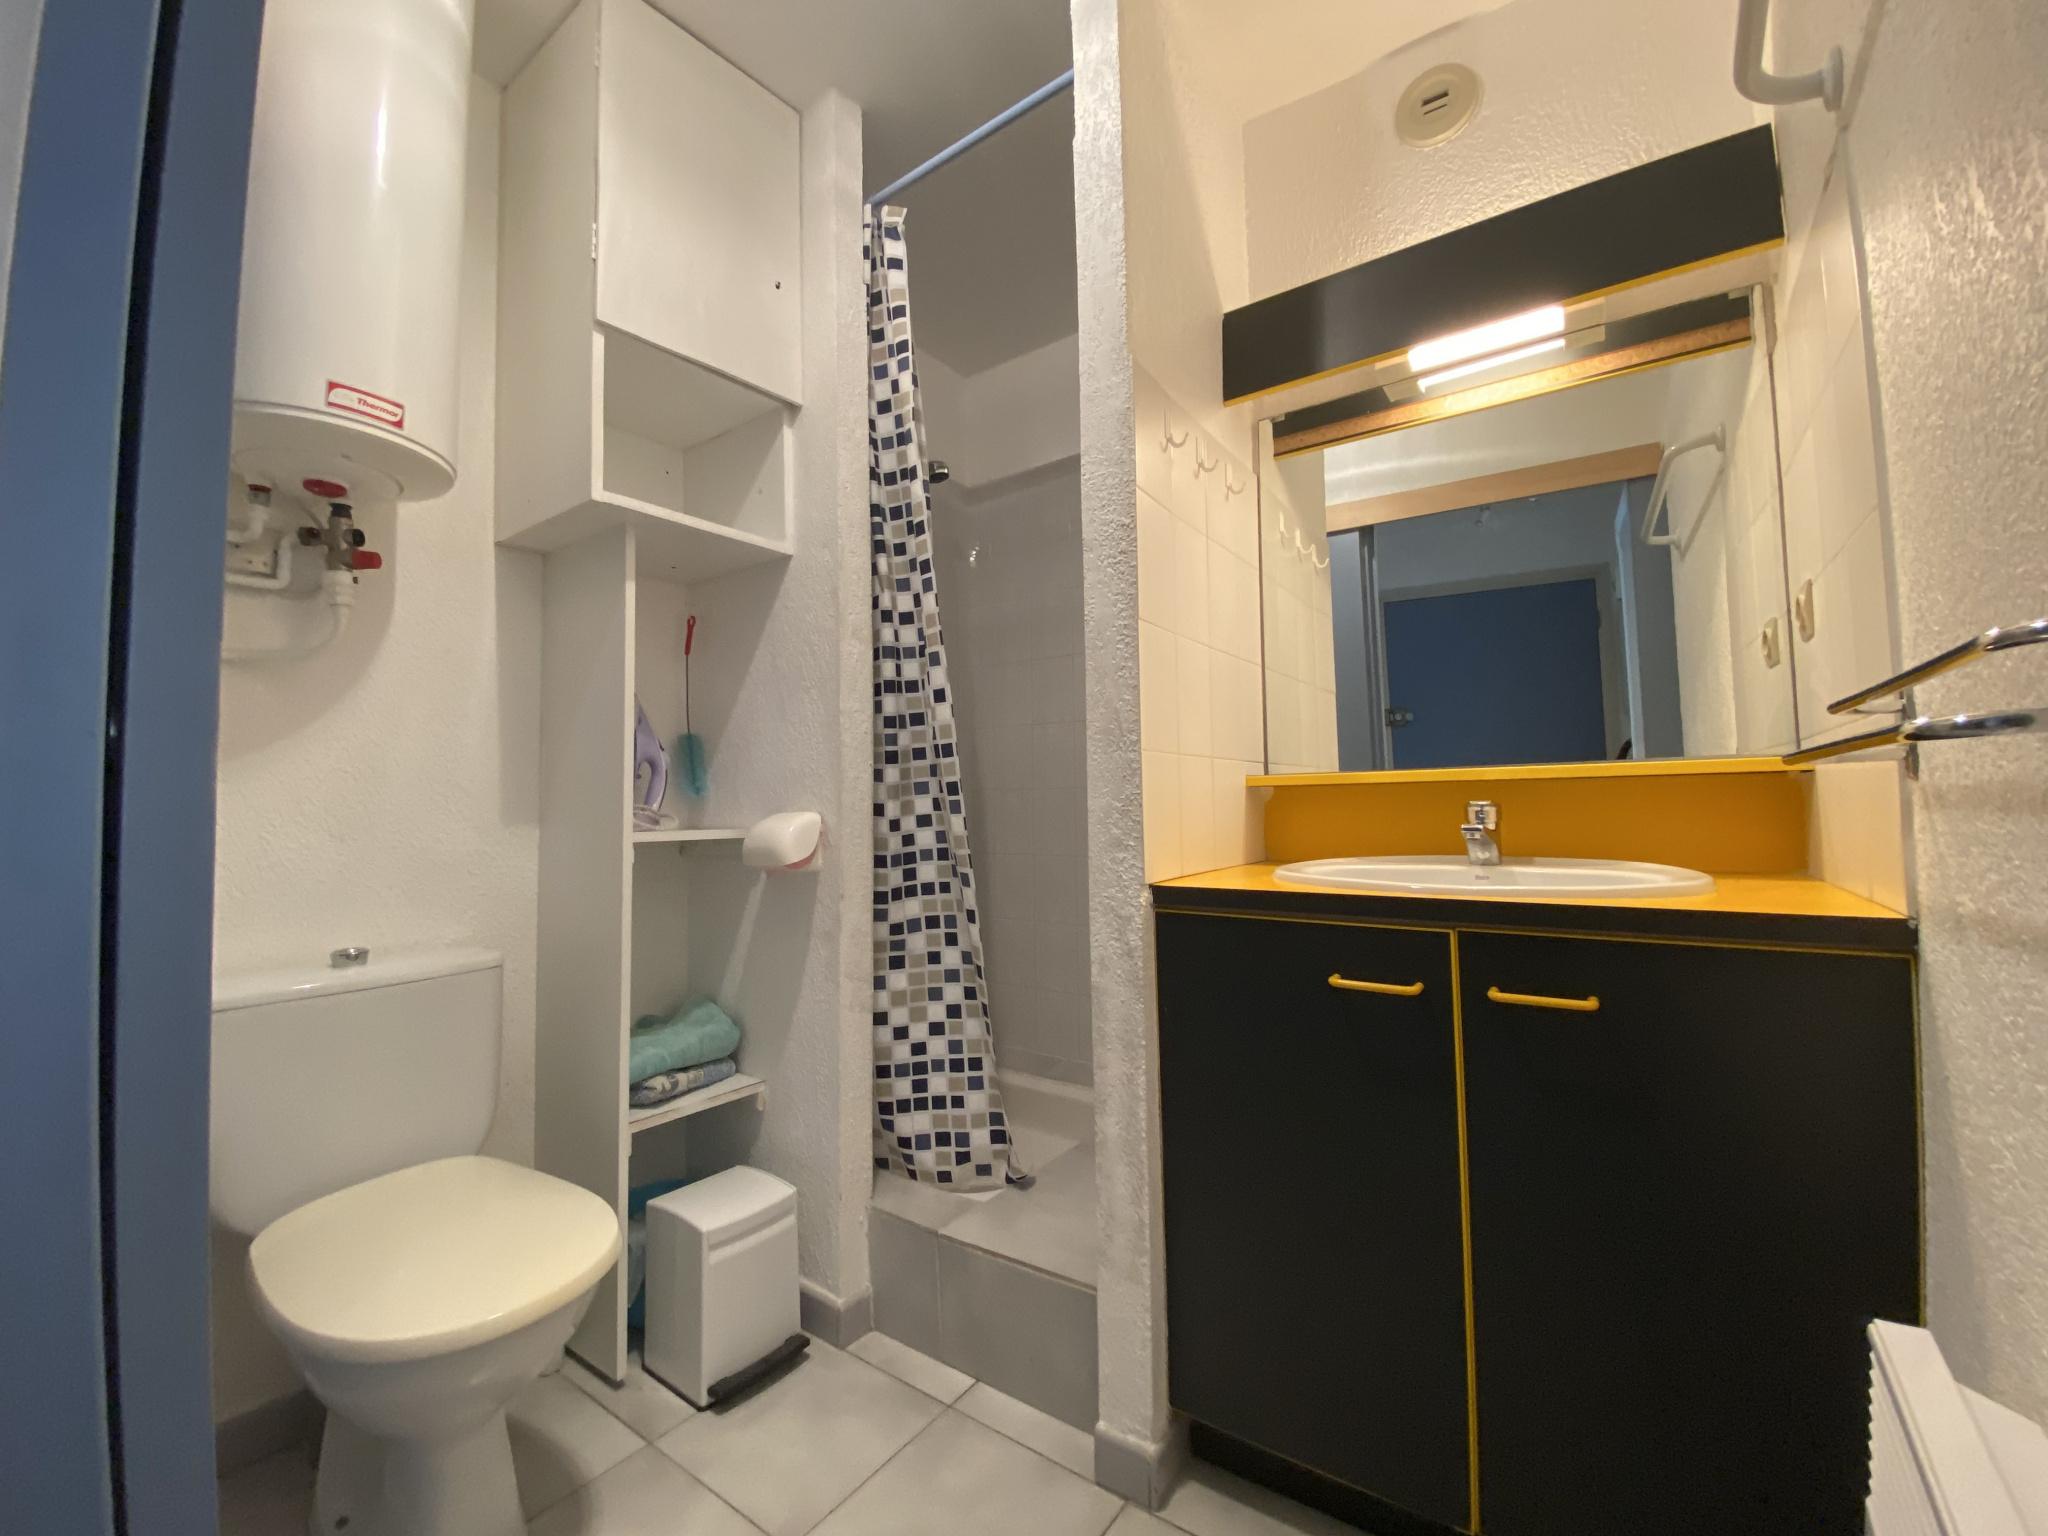 À vendre appartement de 25m2 à argeles sur mer (66700) - Photo 5'